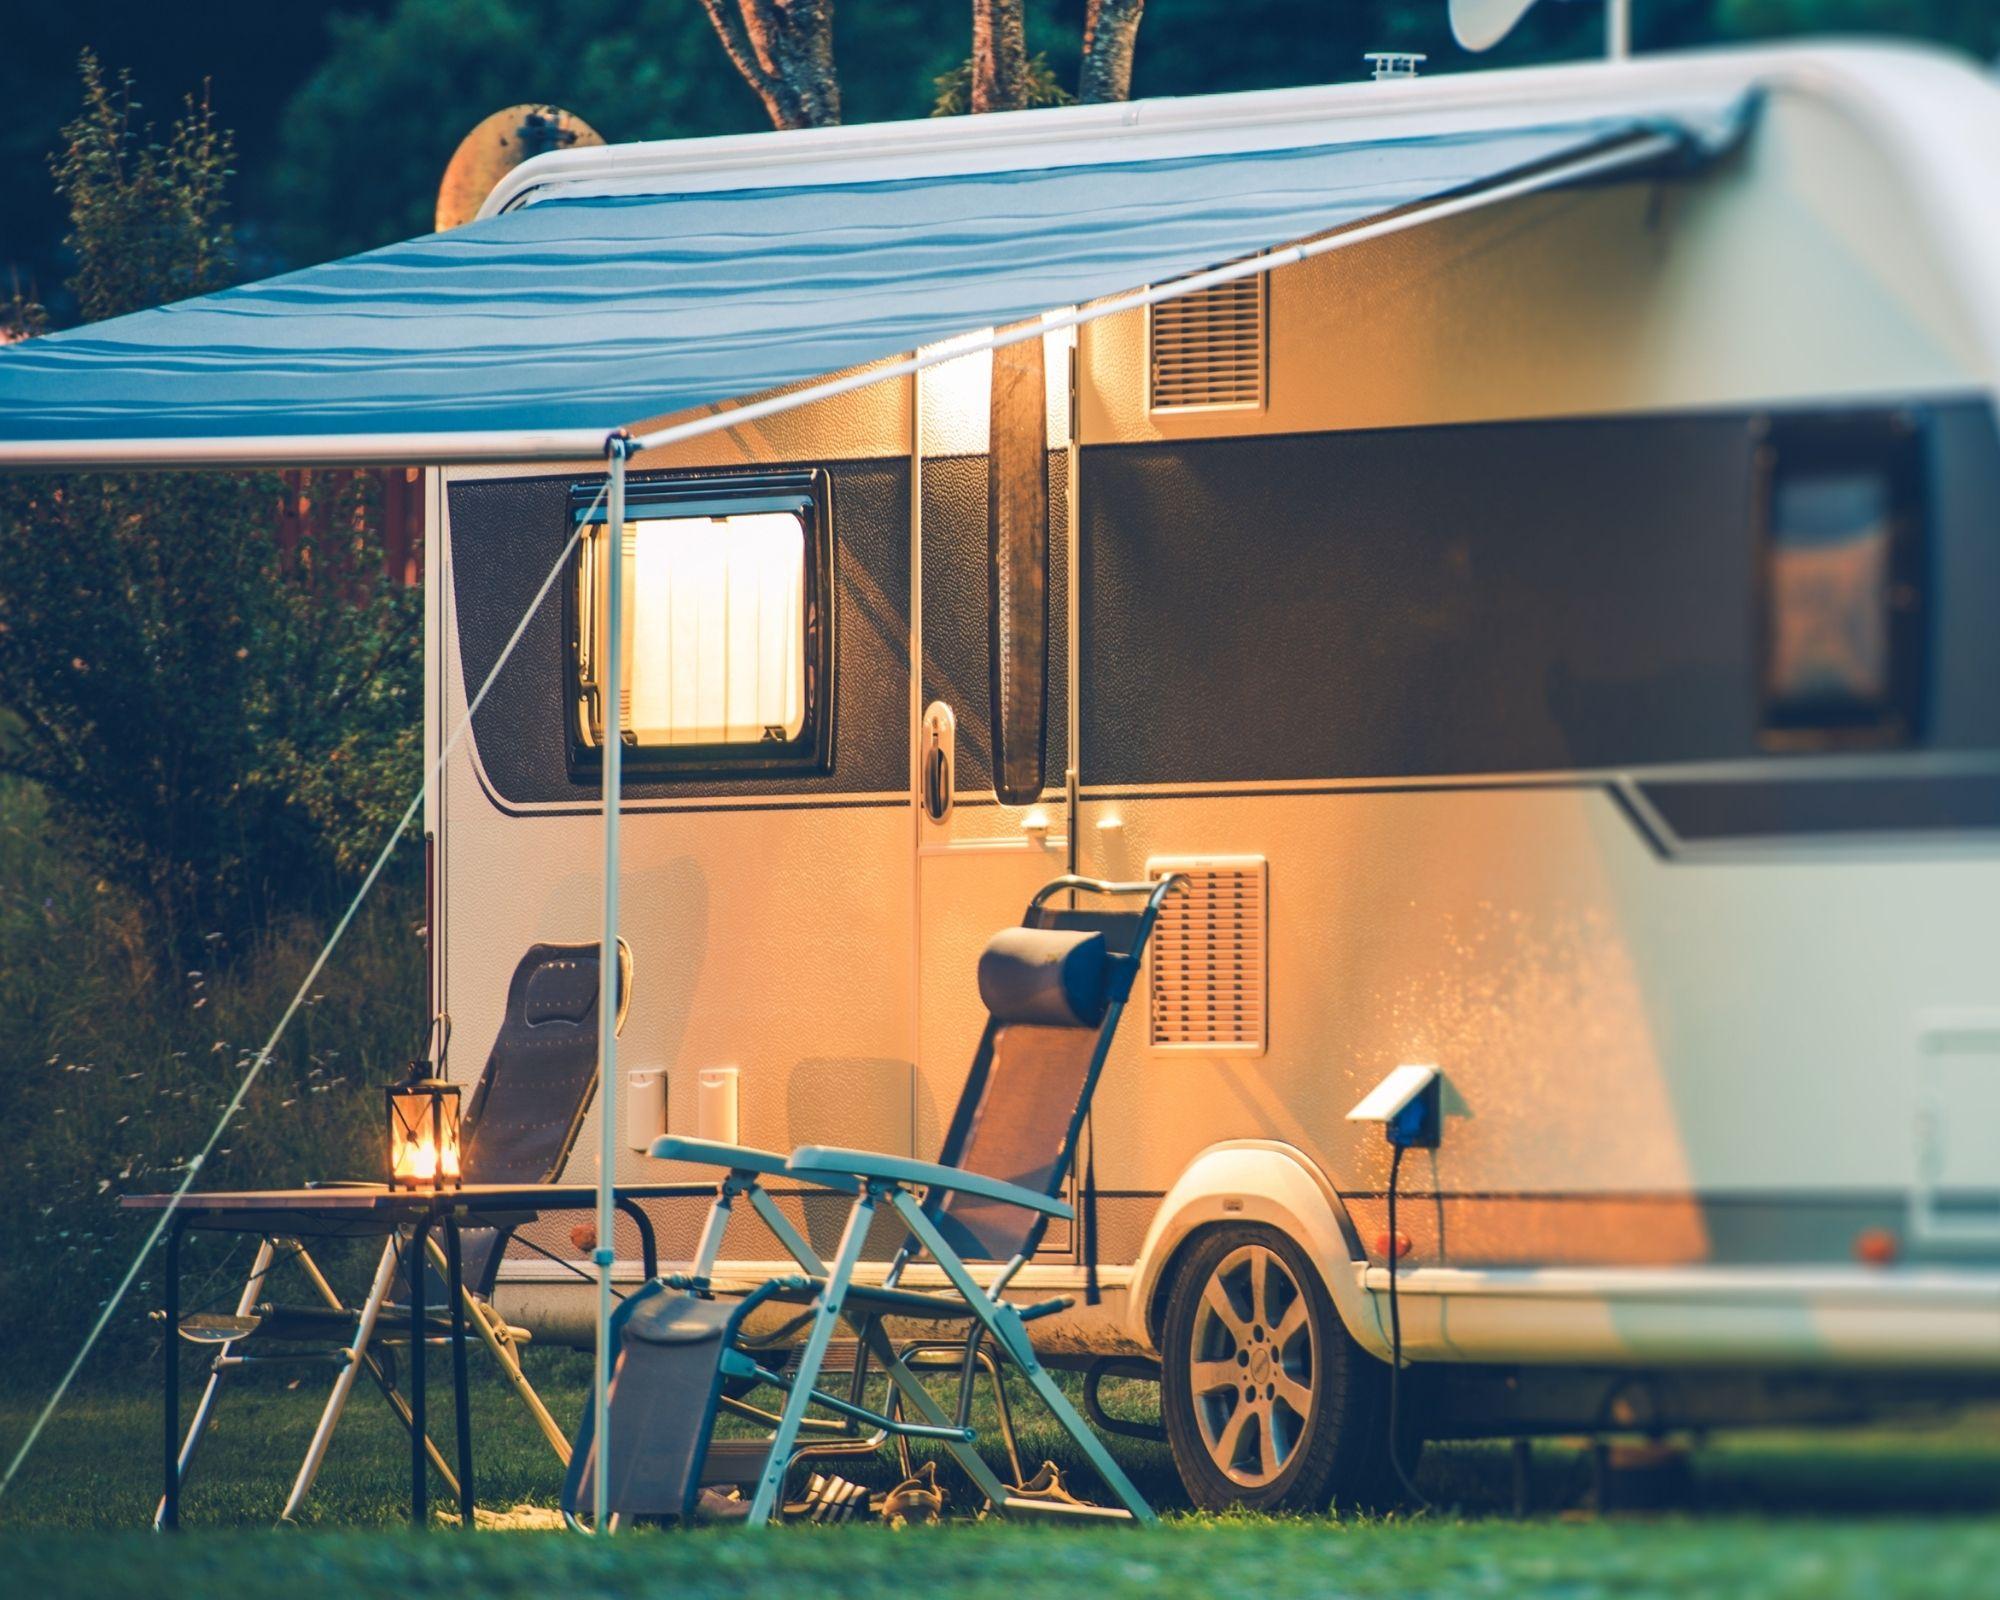 best leisure battery powering caravan at night